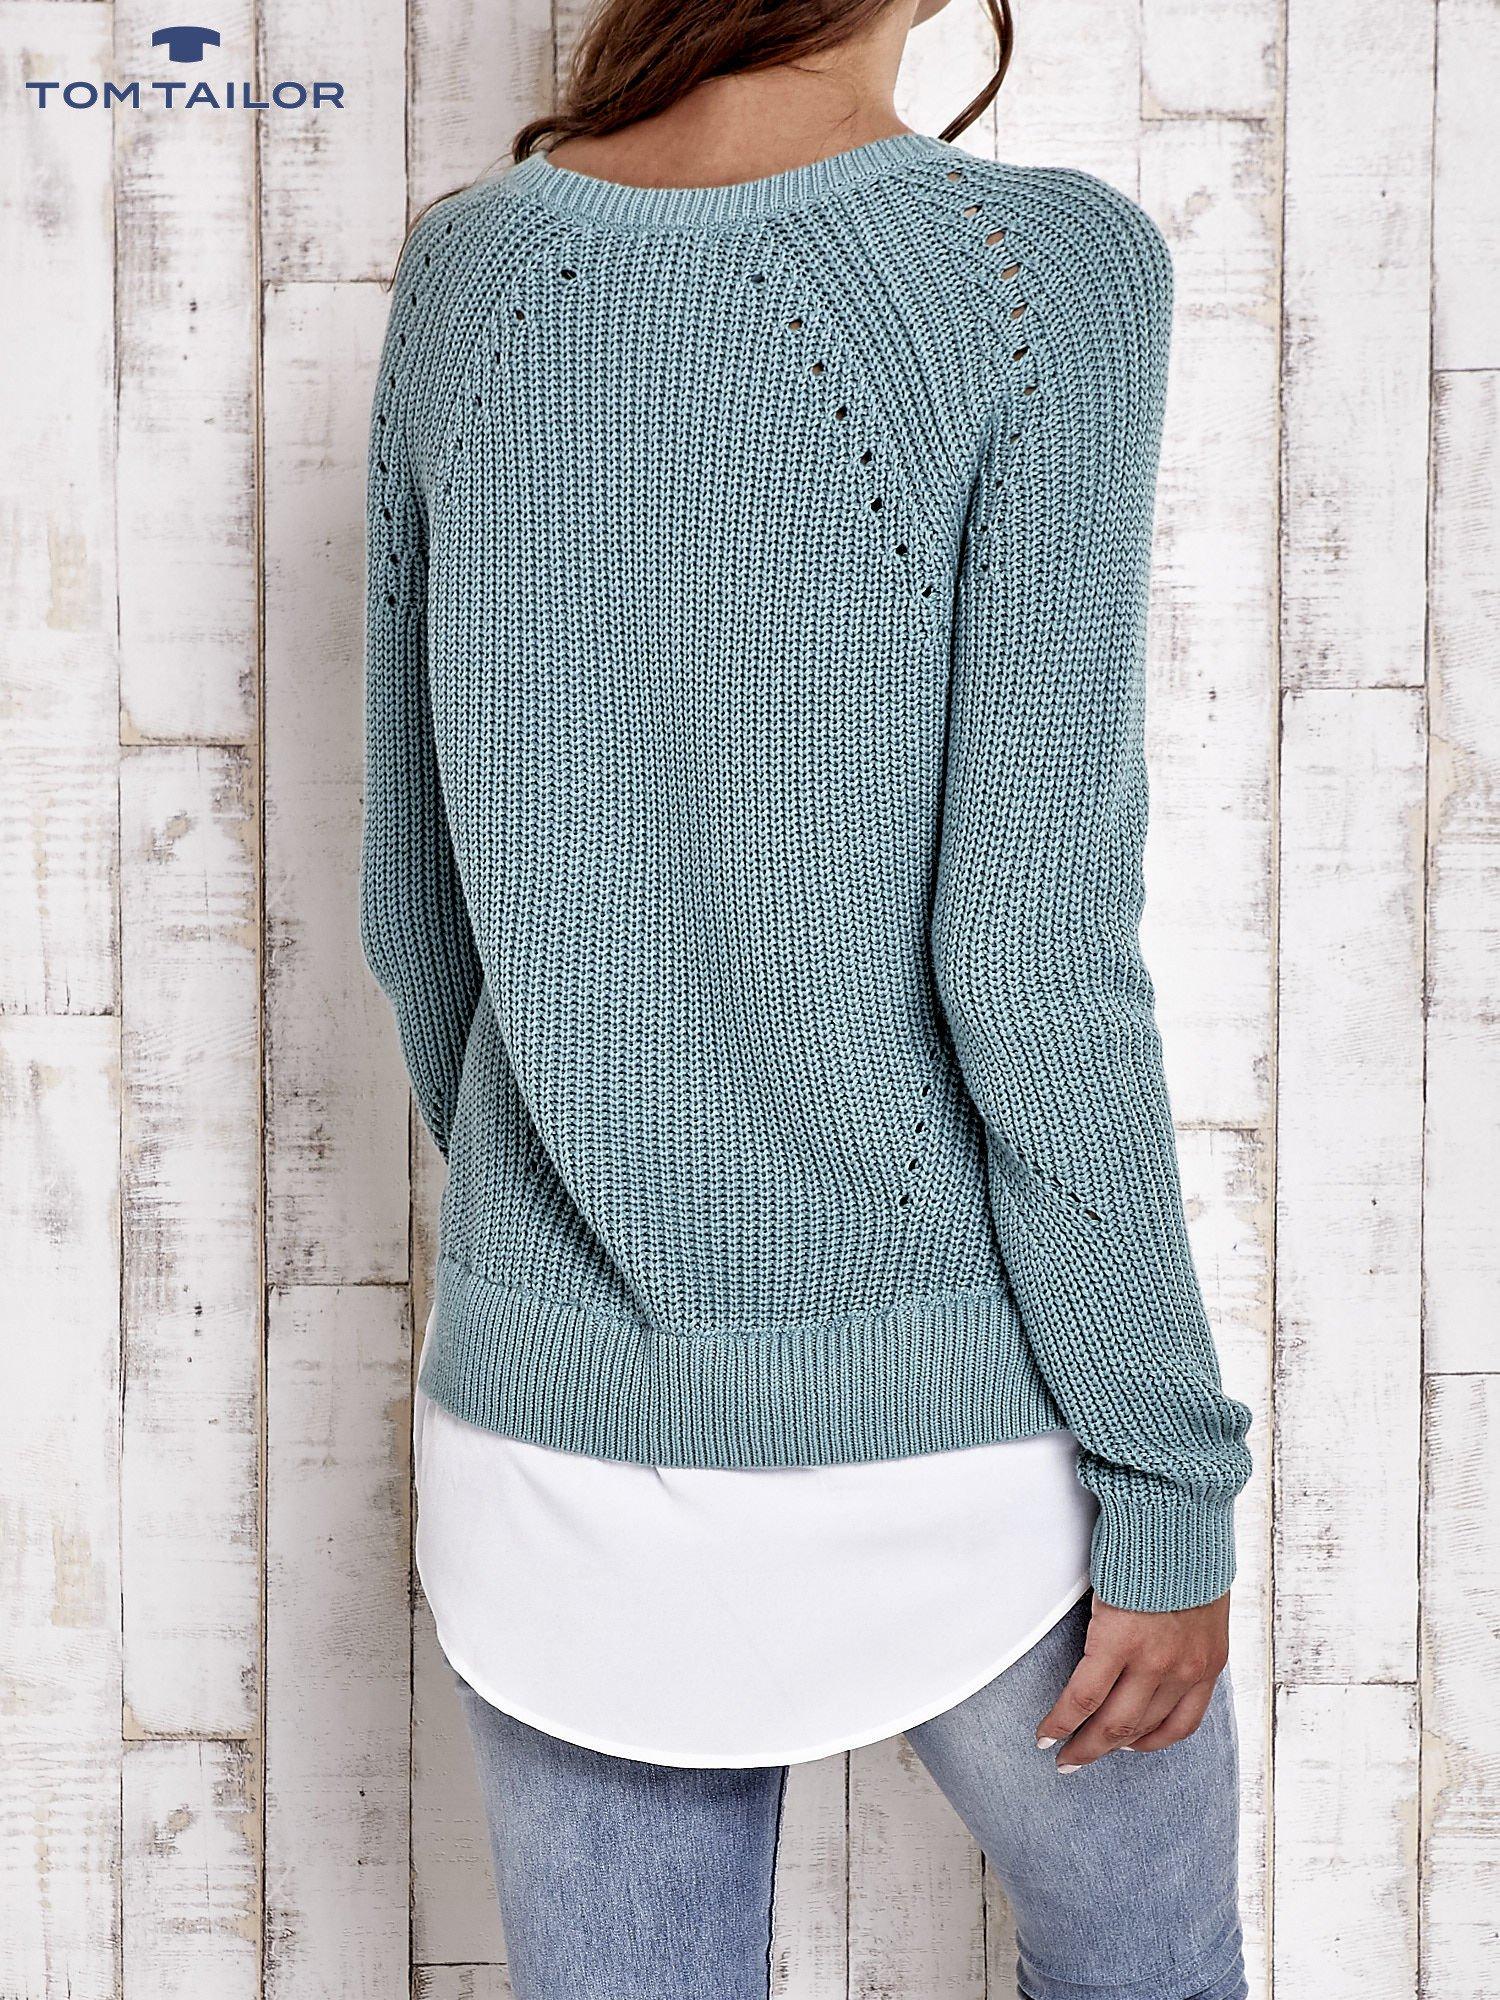 TOM TAILOR Zielony sweter z koszulą                                  zdj.                                  3